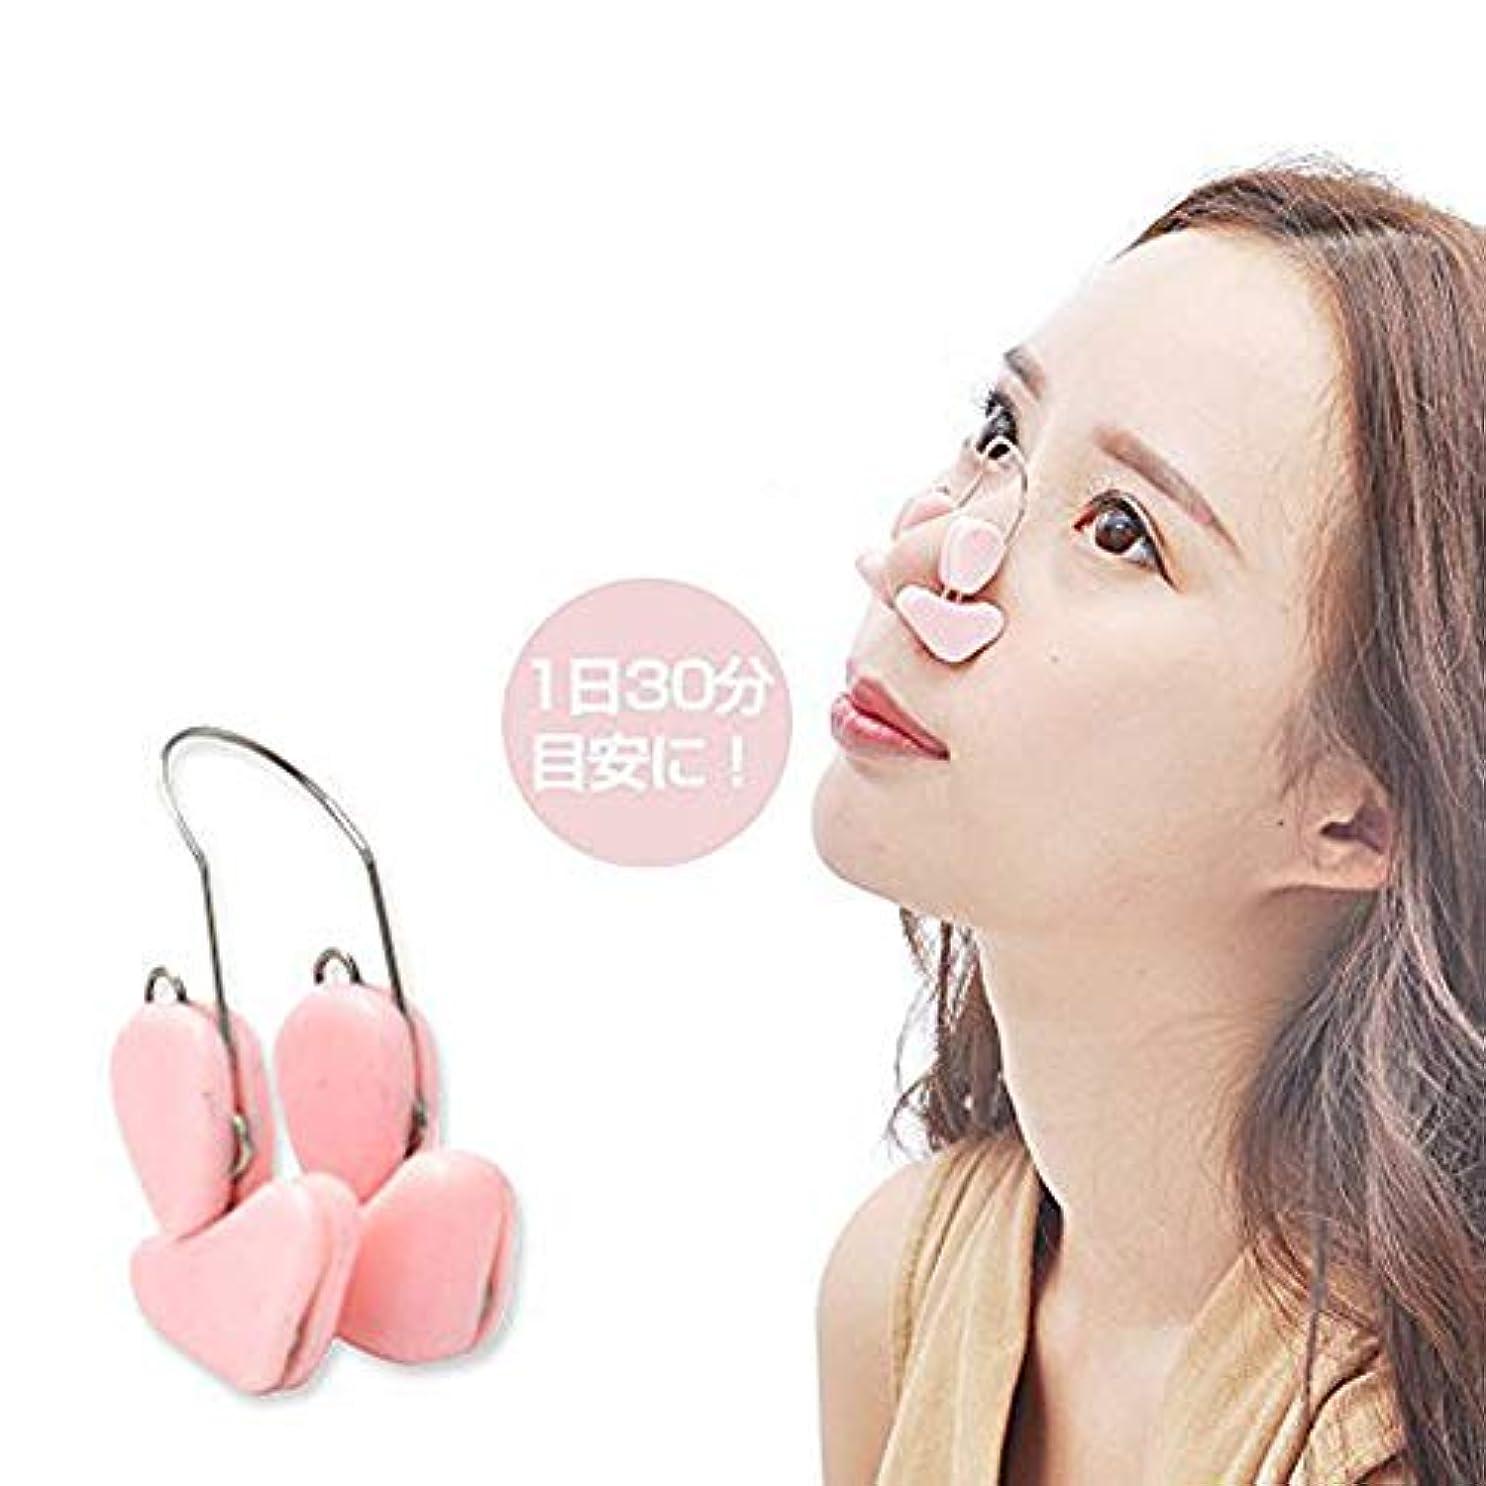 崖簡潔な鋸歯状ノーズクリップ 鼻 高く 鼻矯正 鼻プチ ノーズピン 矯正 鼻を高くする 鼻筋セレブ ノーズパッド シンクロ だんご鼻